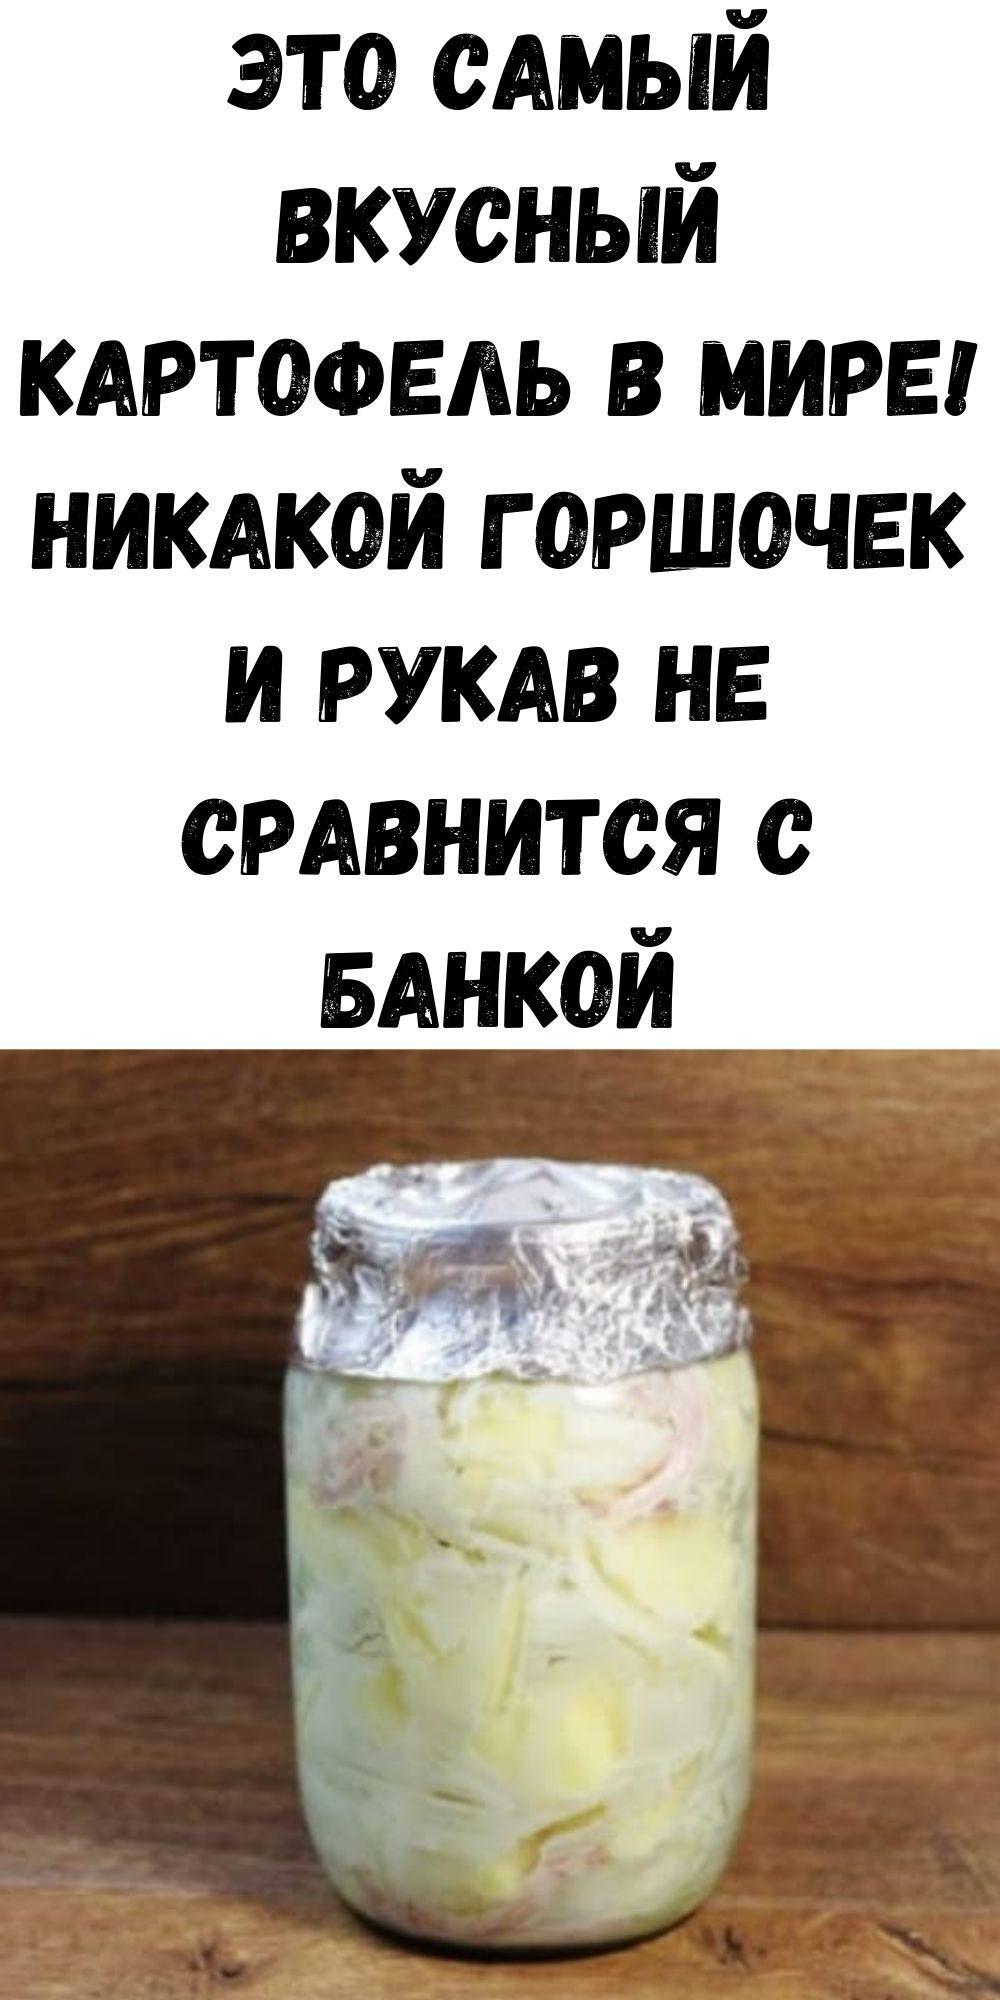 eto-samyy-vkusnyy-kartofel-v-mire-nikakoy-gorshochek-i-rukav-ne-sravnitsya-s-bankoy-2